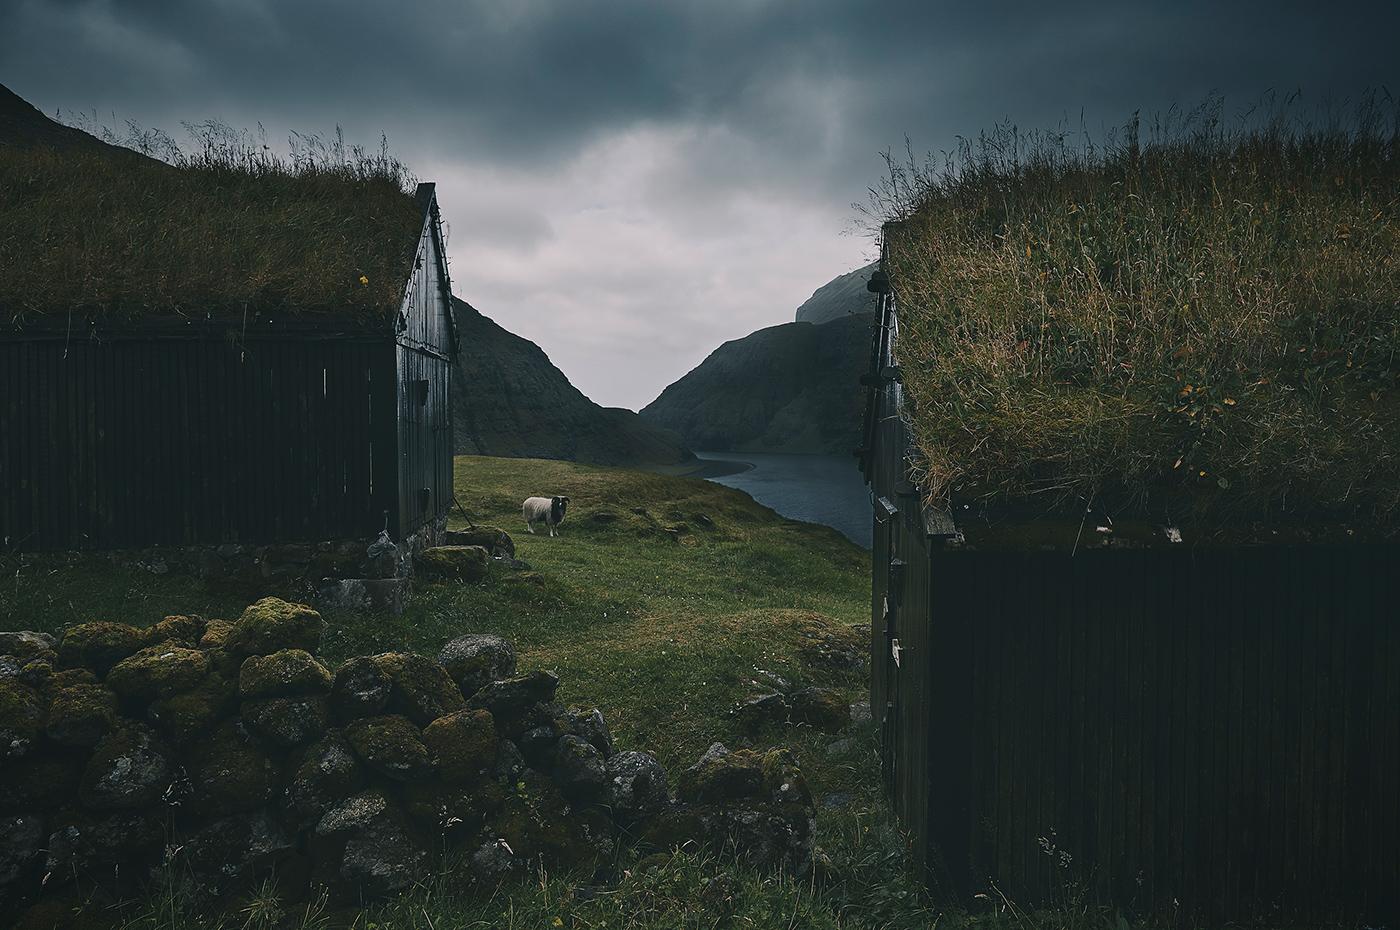 Меланхоличная атмосфера Фарерских островов в фотографиях Марко Валмори